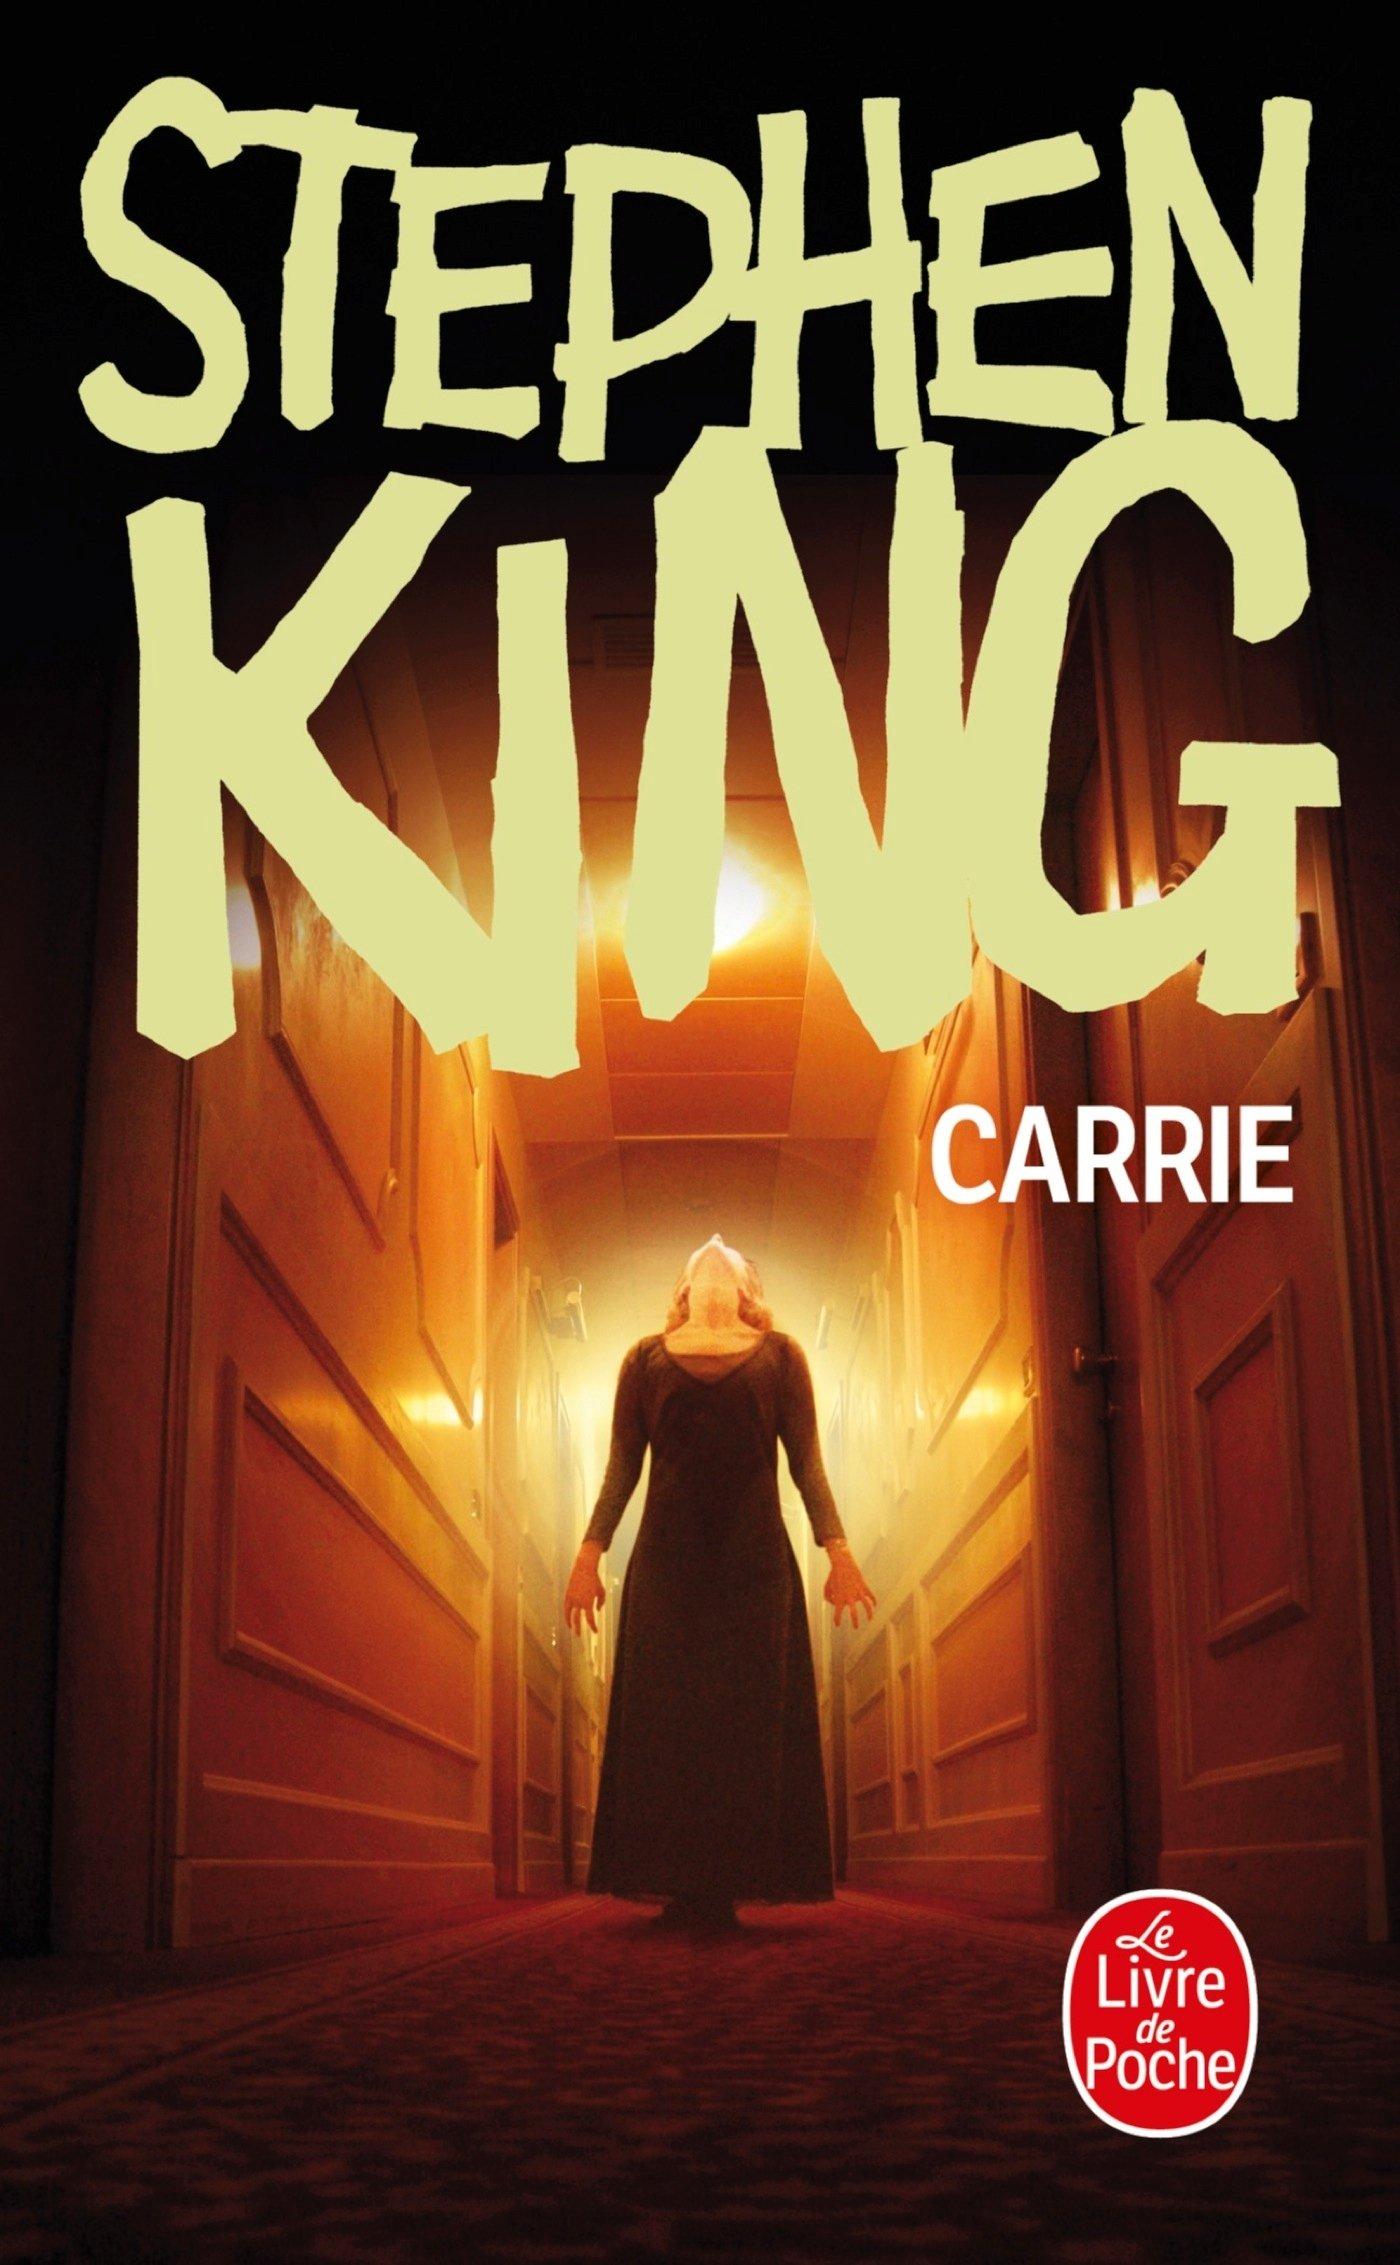 Carrie Poche – 6 janvier 2010 Stephen King Le Livre de Poche 2253096768 Fantastique